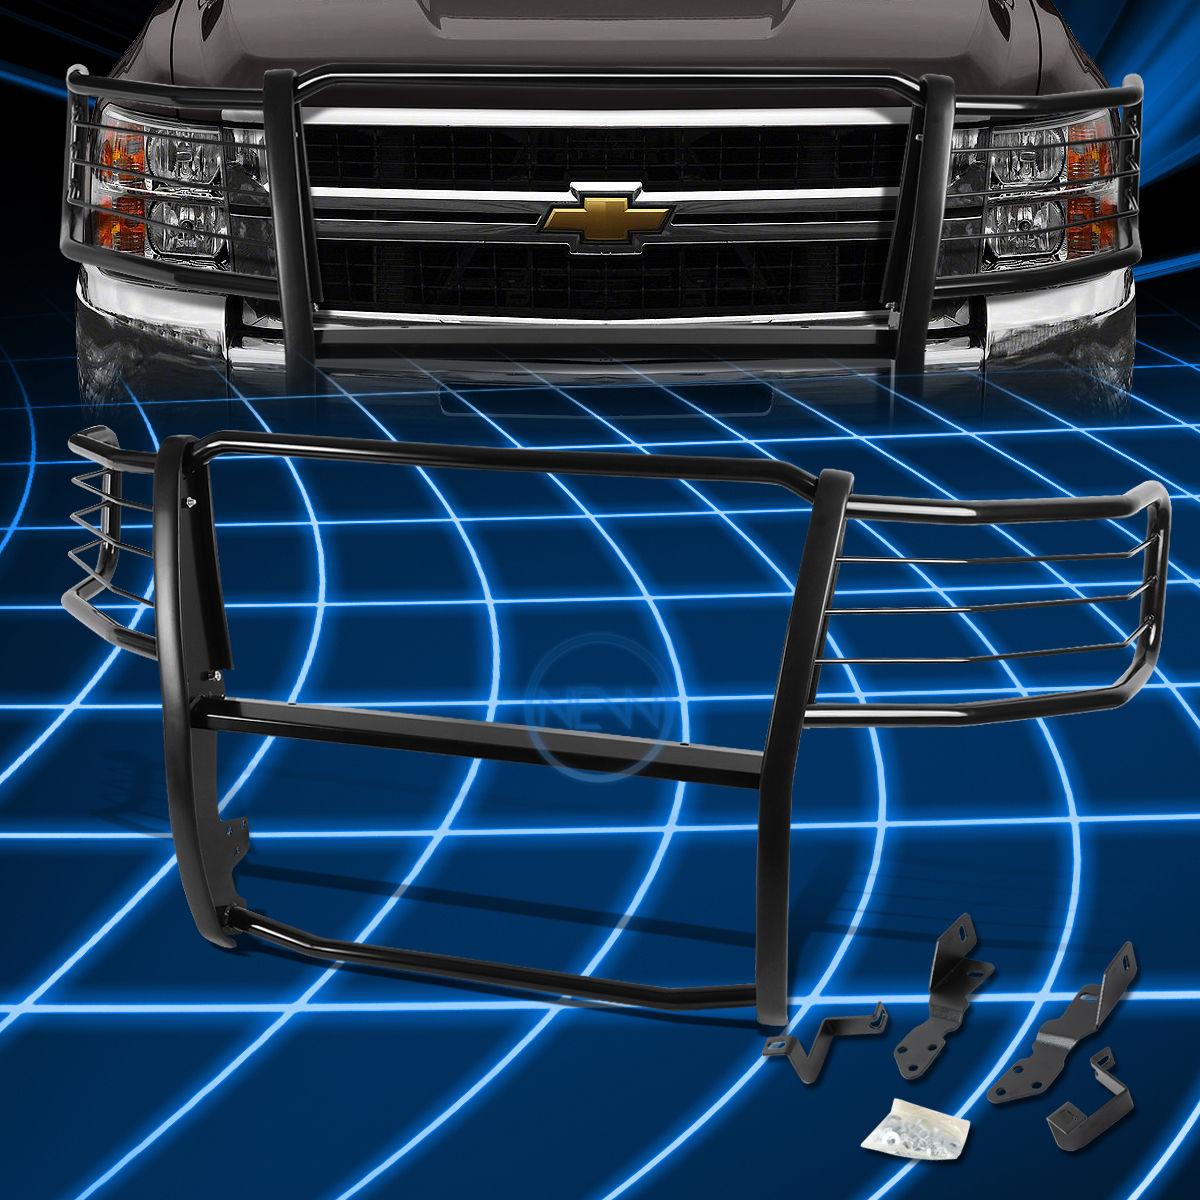 グリル ブラックブラシバンパープロテクターGrille Guard 2007-2013 Silverado 2500/3500 HD Black Brush Bumper Protector Grille Guard for 2007-2013 Silverado 2500/3500 HD